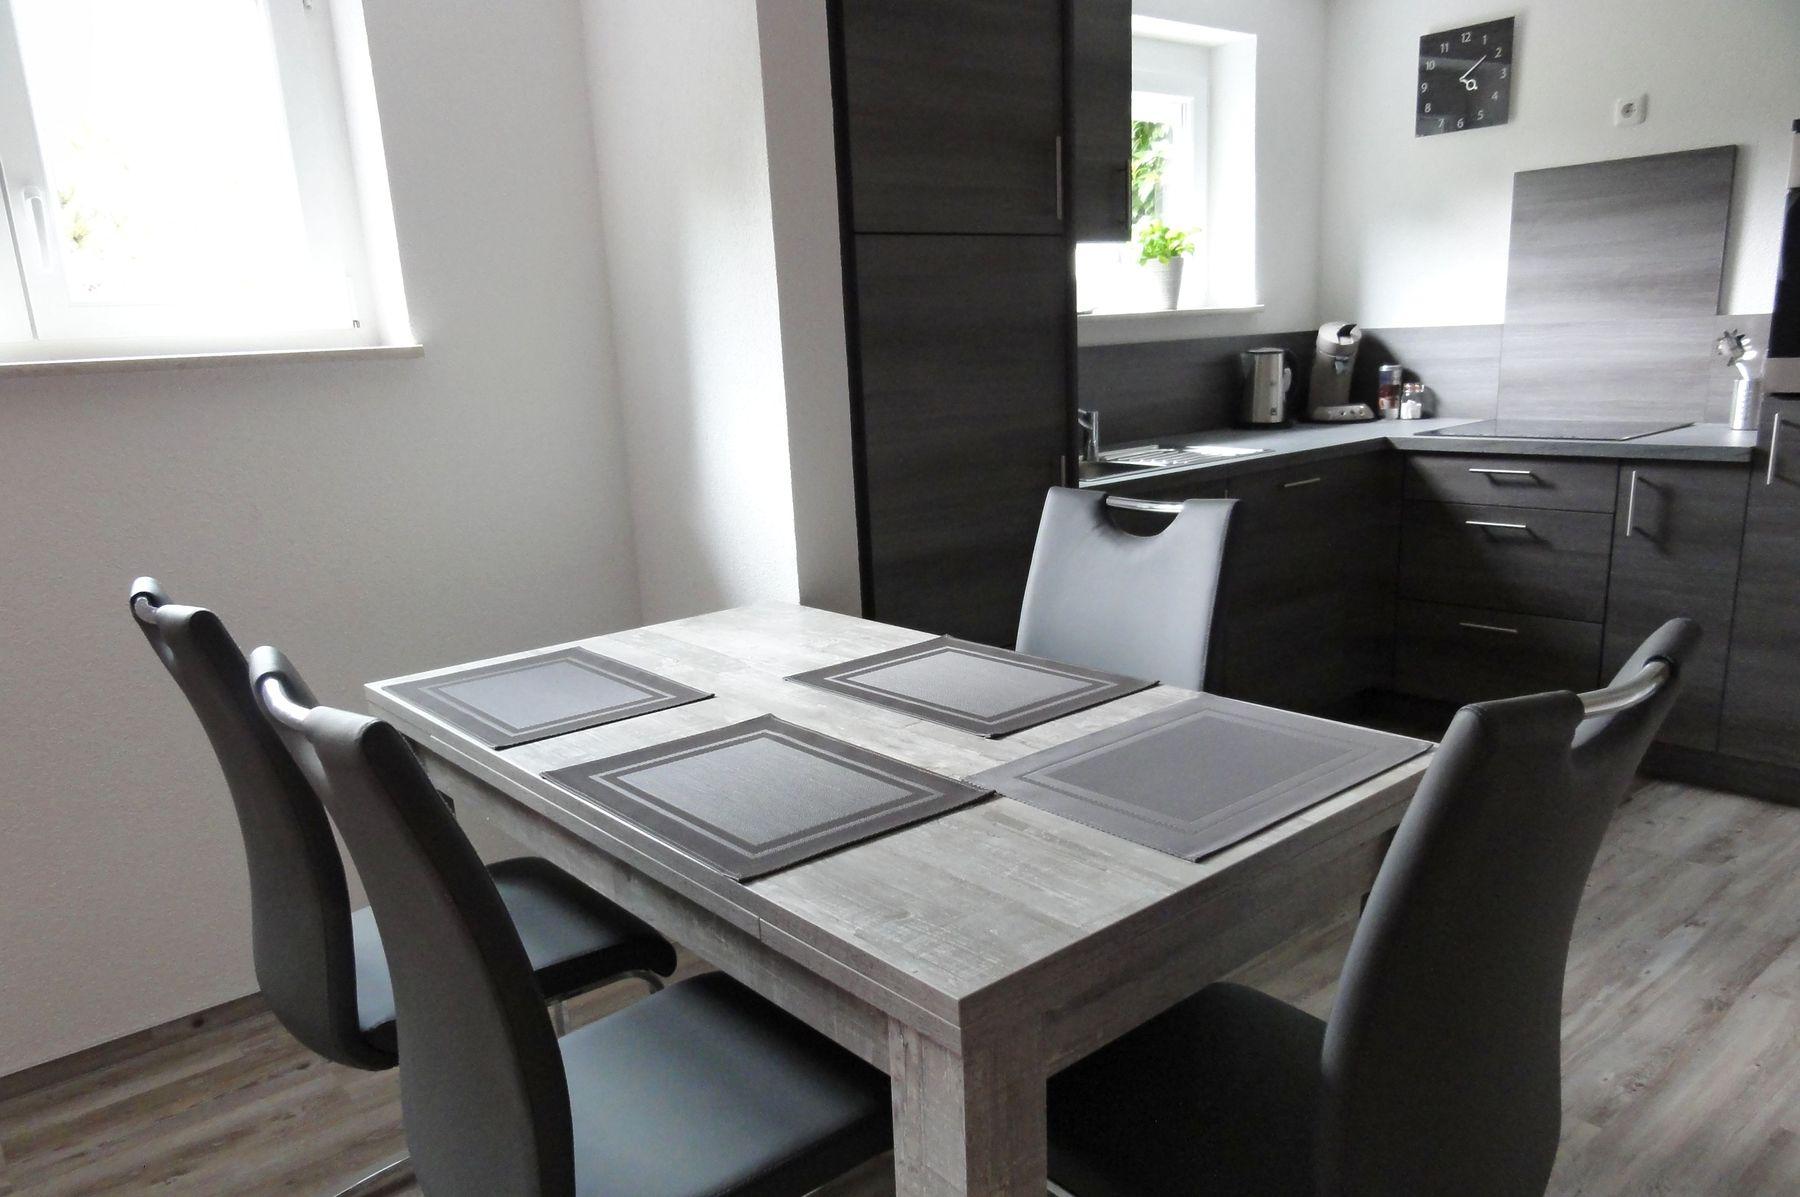 ferienwohnung westend region europa park foto galerie. Black Bedroom Furniture Sets. Home Design Ideas